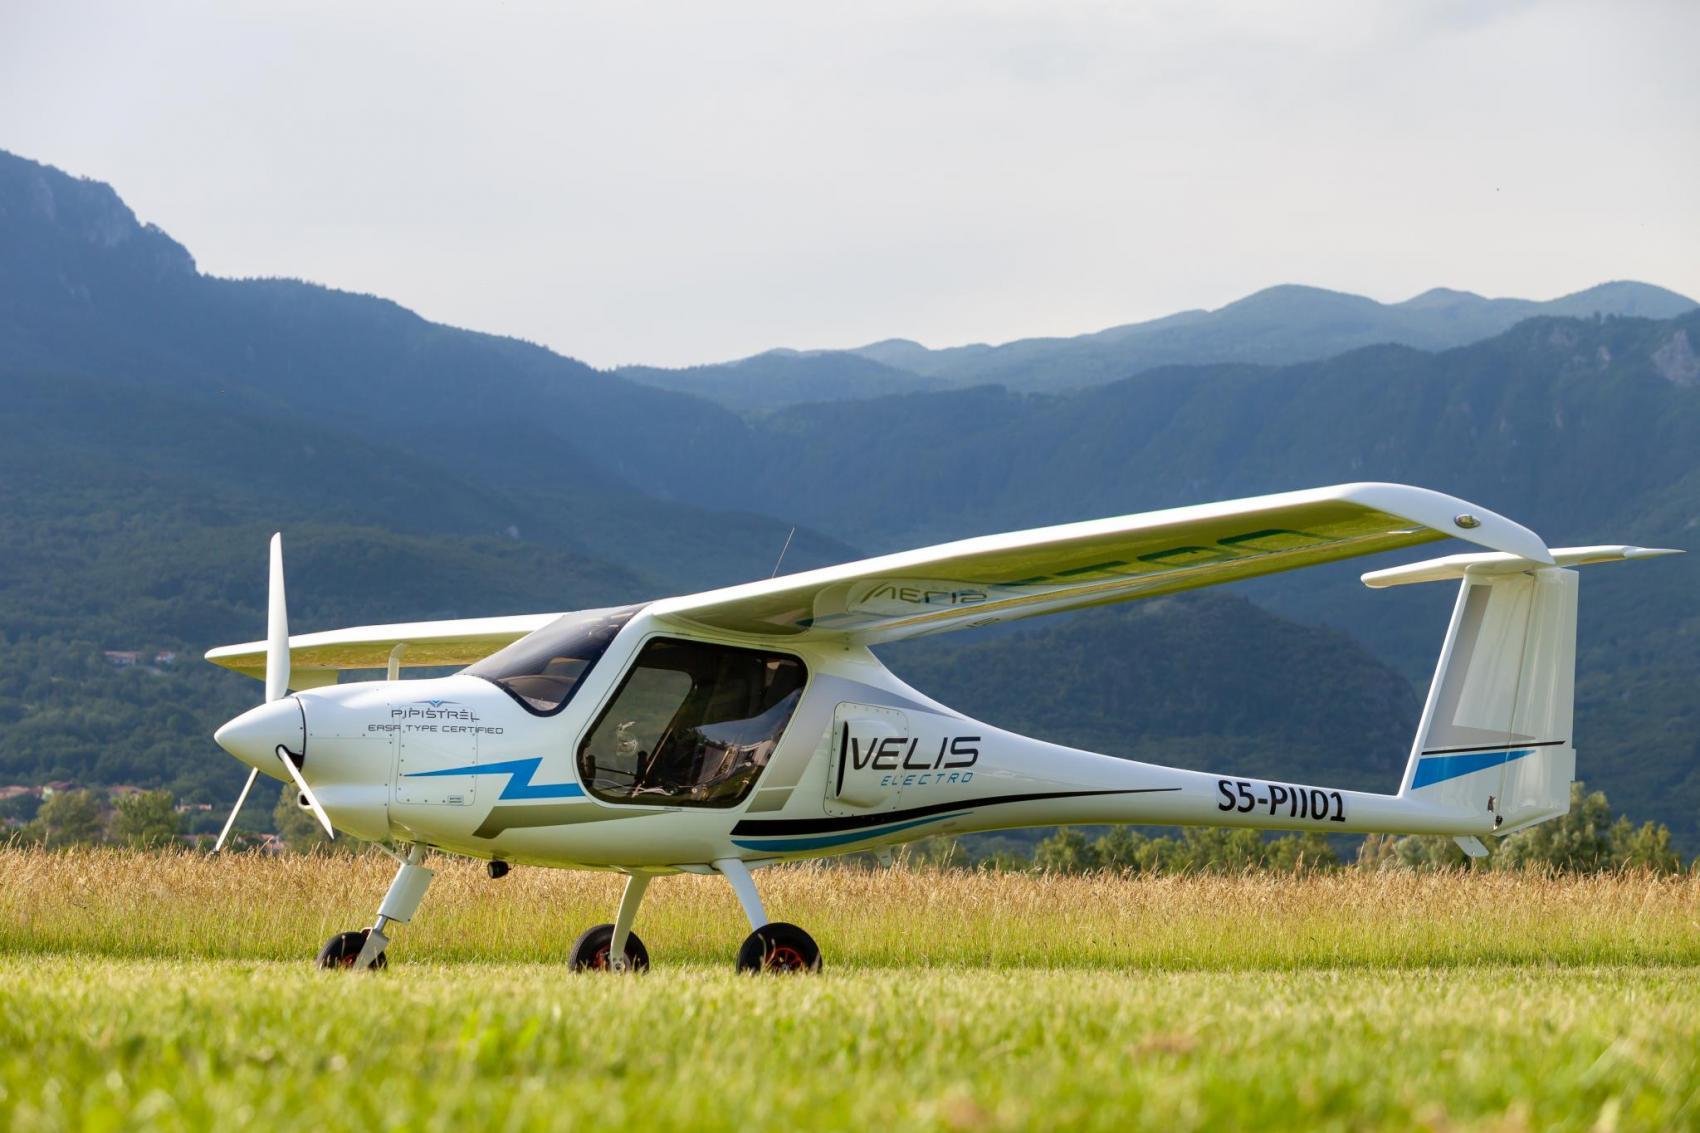 Pipistrelovemu električnemu letalu prvi tipski certifikat evropske letalske agencije EASA